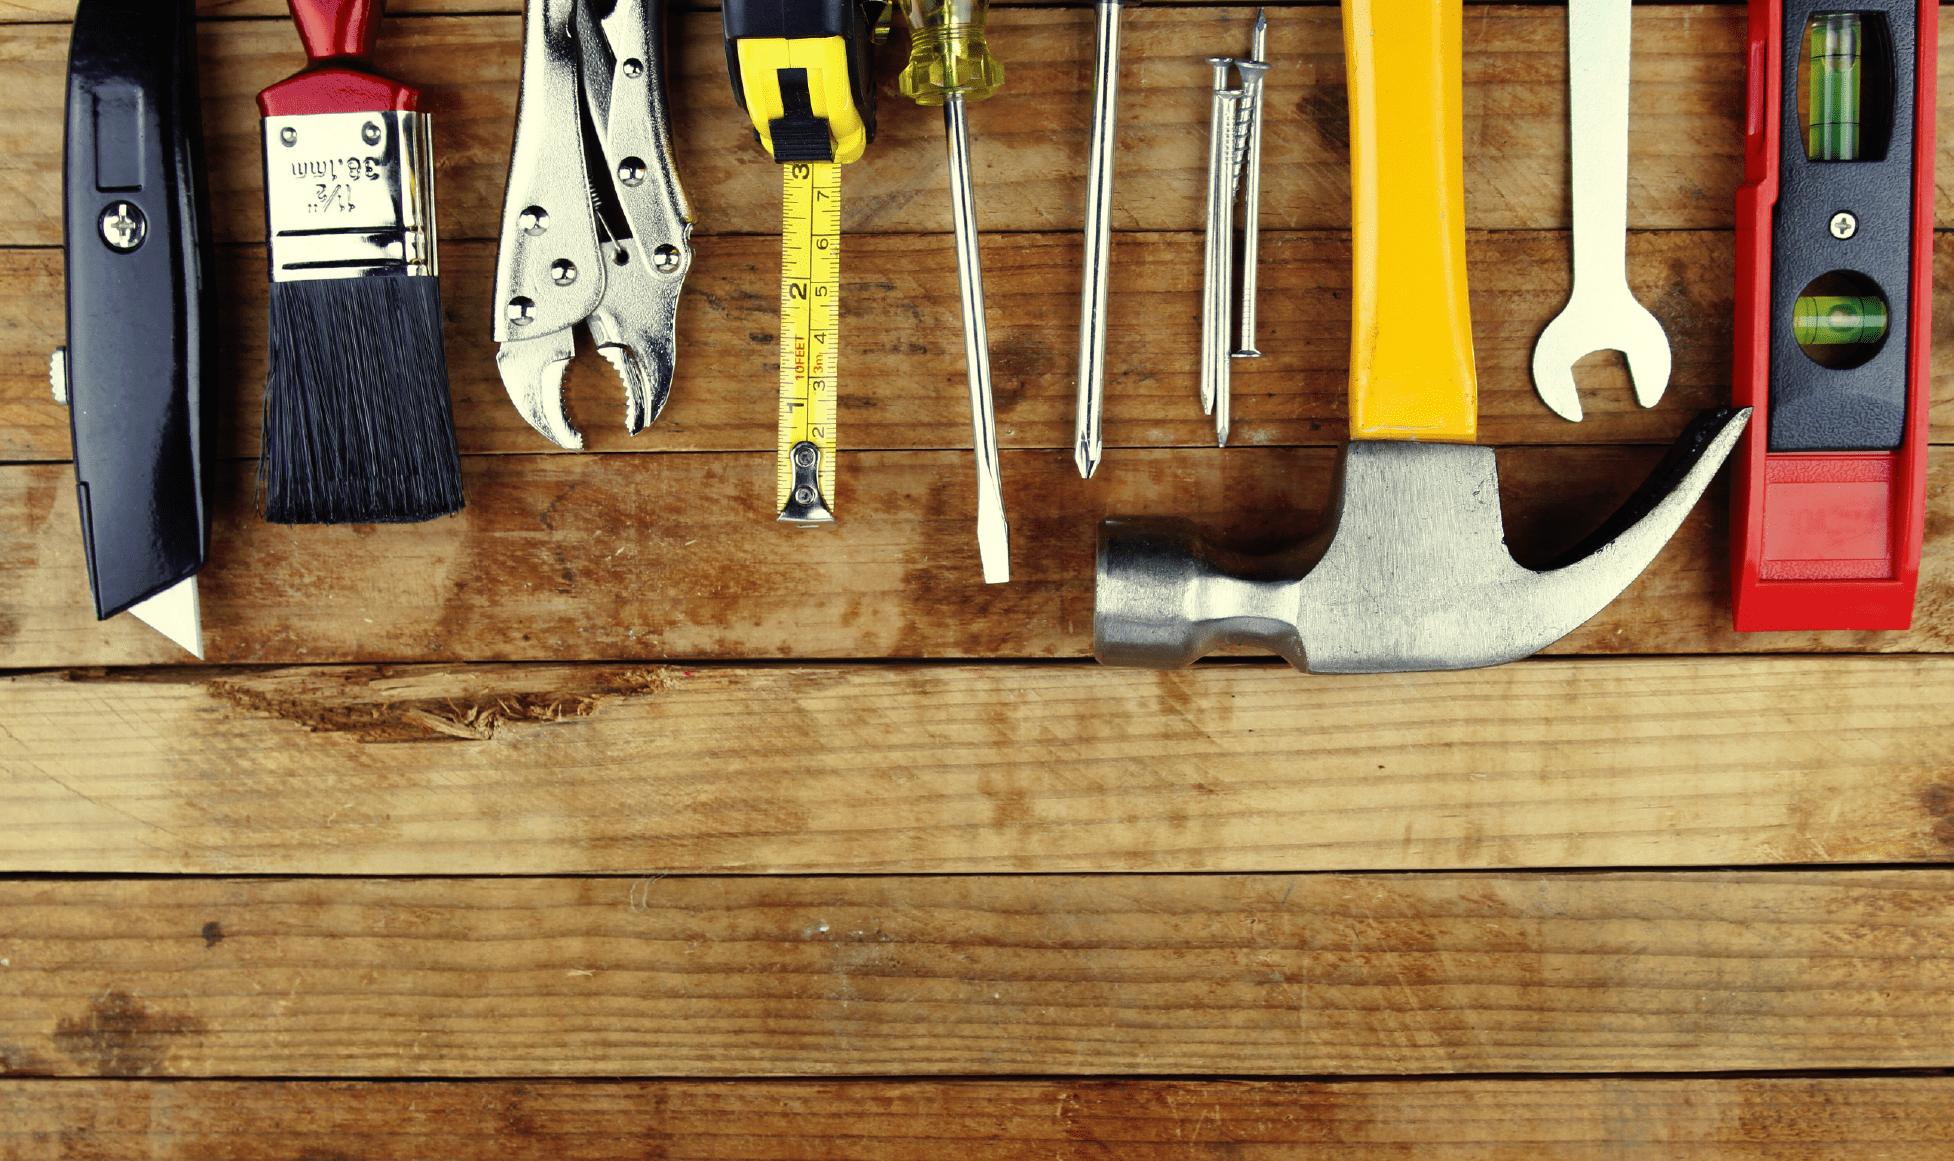 herramientas sobre una mesa en ingles